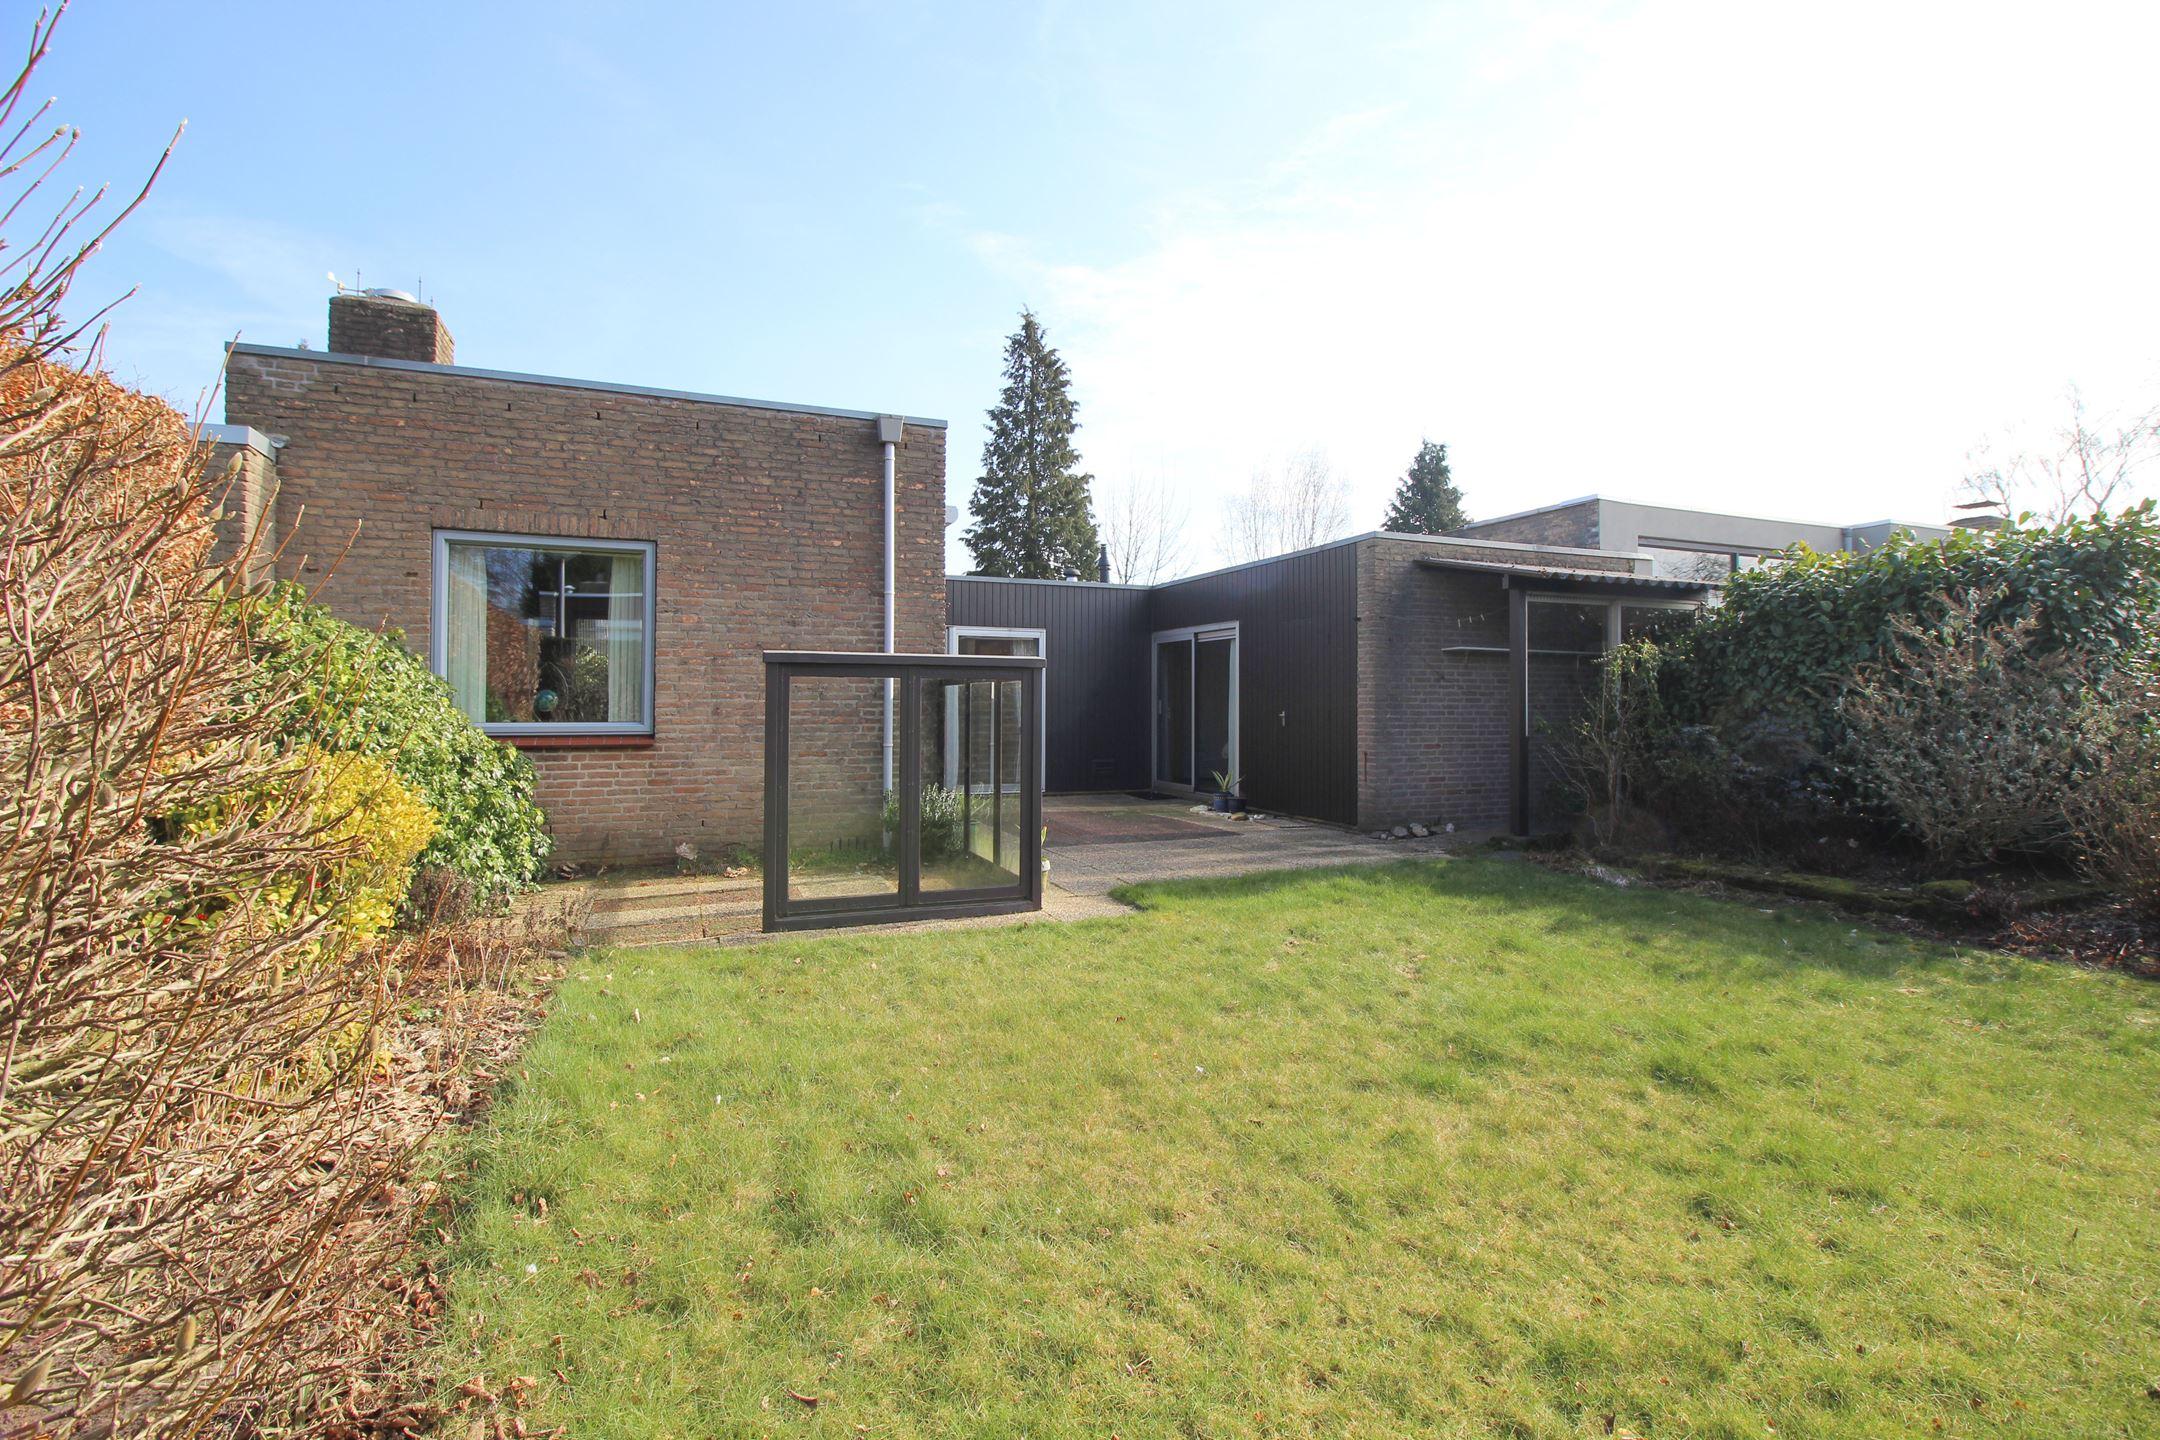 Huis te koop goedroenstraat 18 3813 wh amersfoort funda for Huizen te koop amersfoort